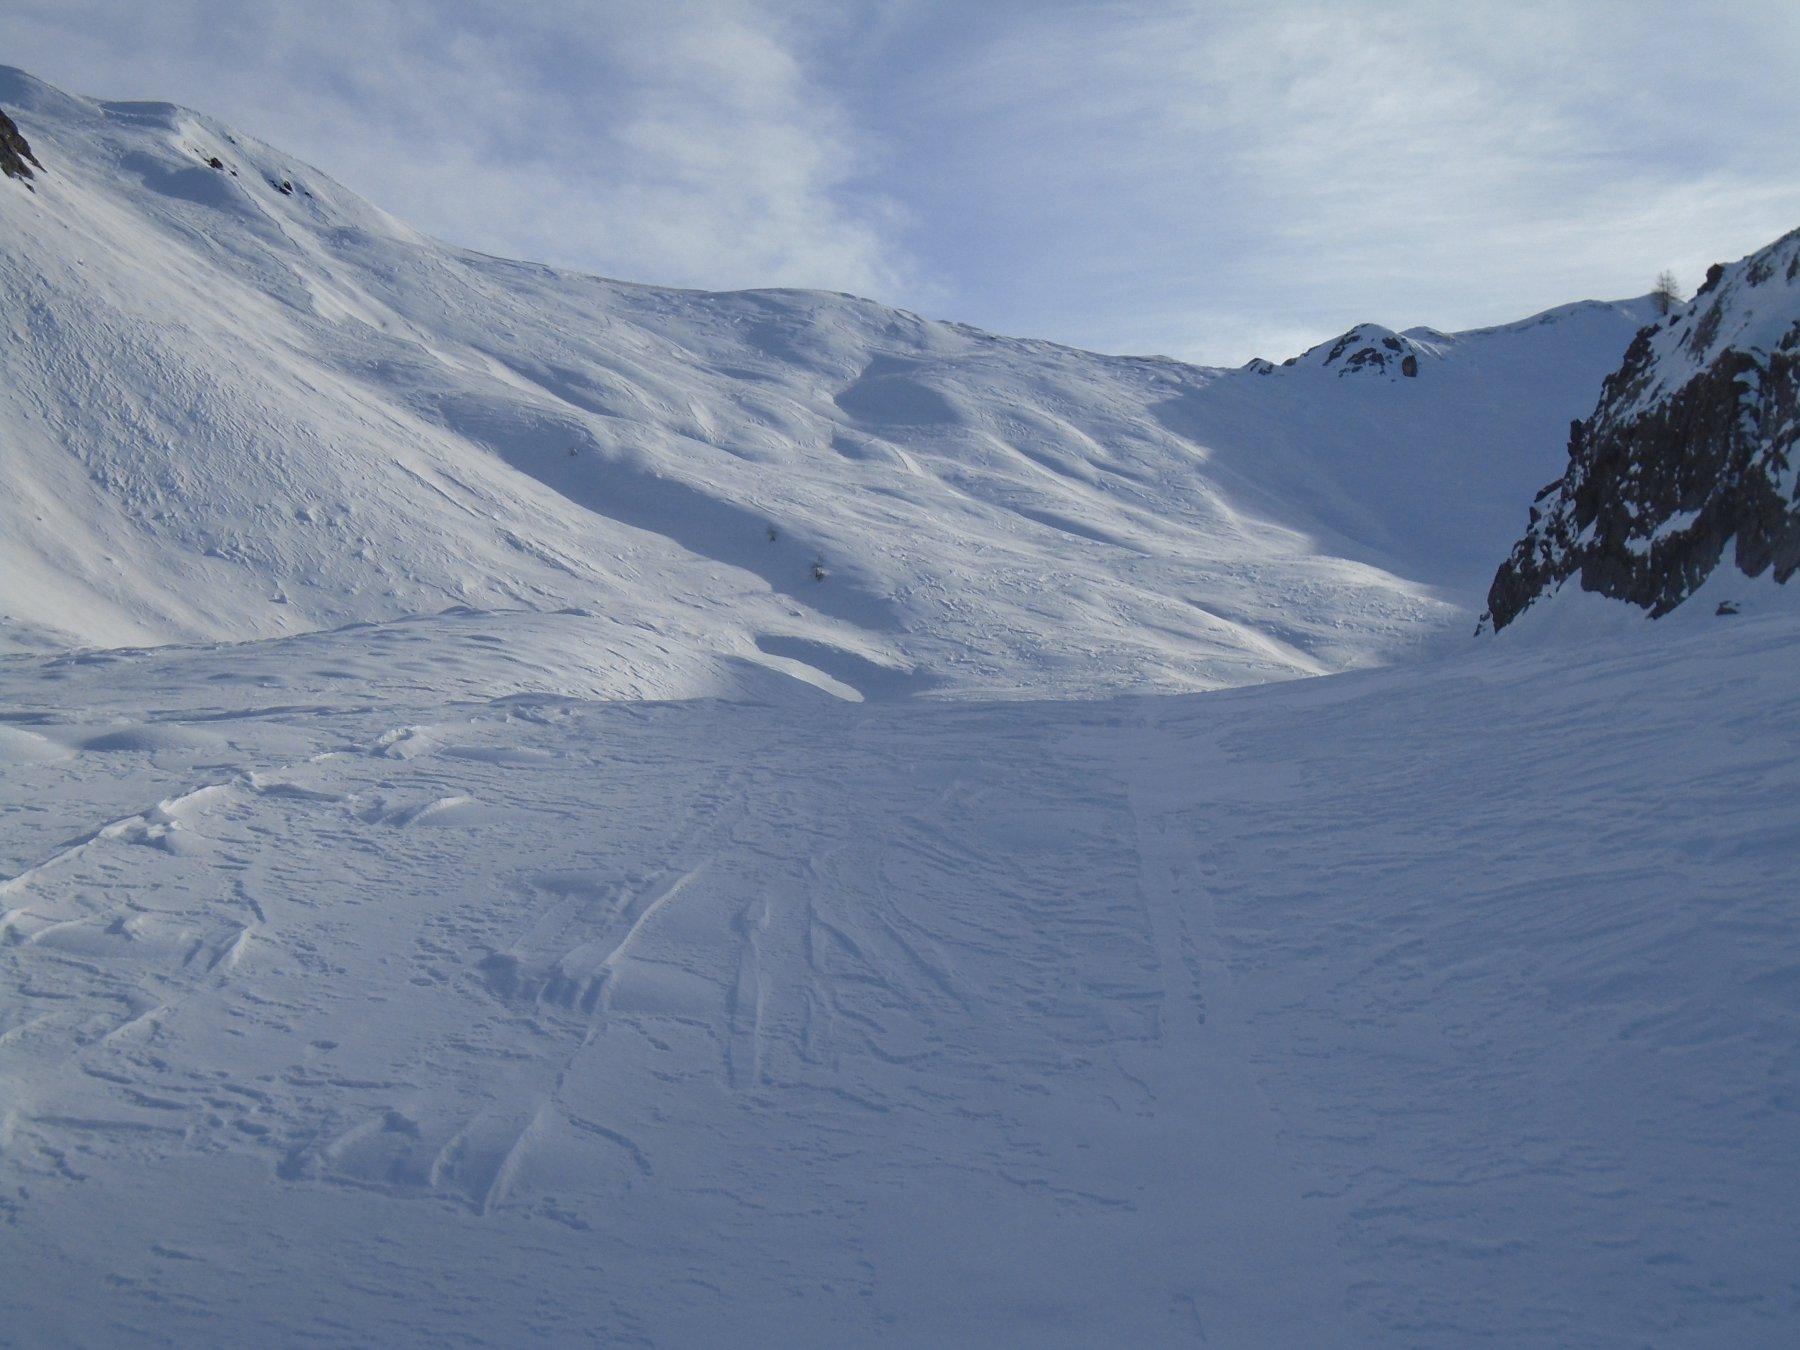 Sopra la gola itinerario a piacimento verso Colle Vallonetto, visibile in alto a sx